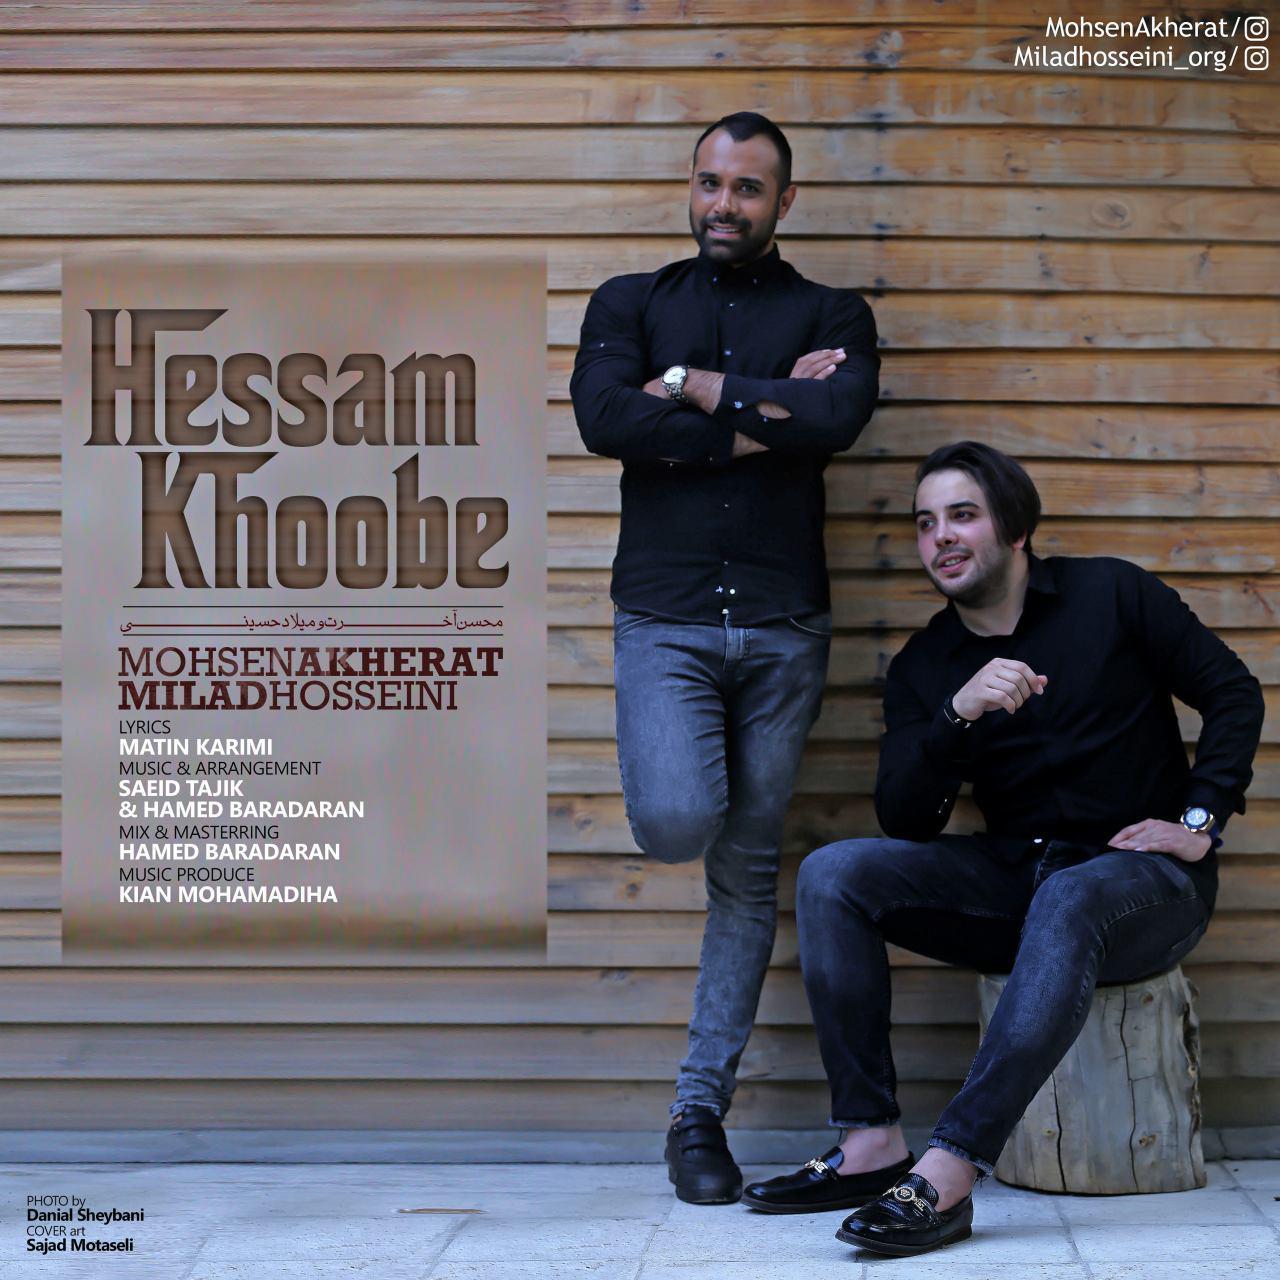 Mohsen Akherat – Hessam Khoobe (Ft Milad Hosseini)